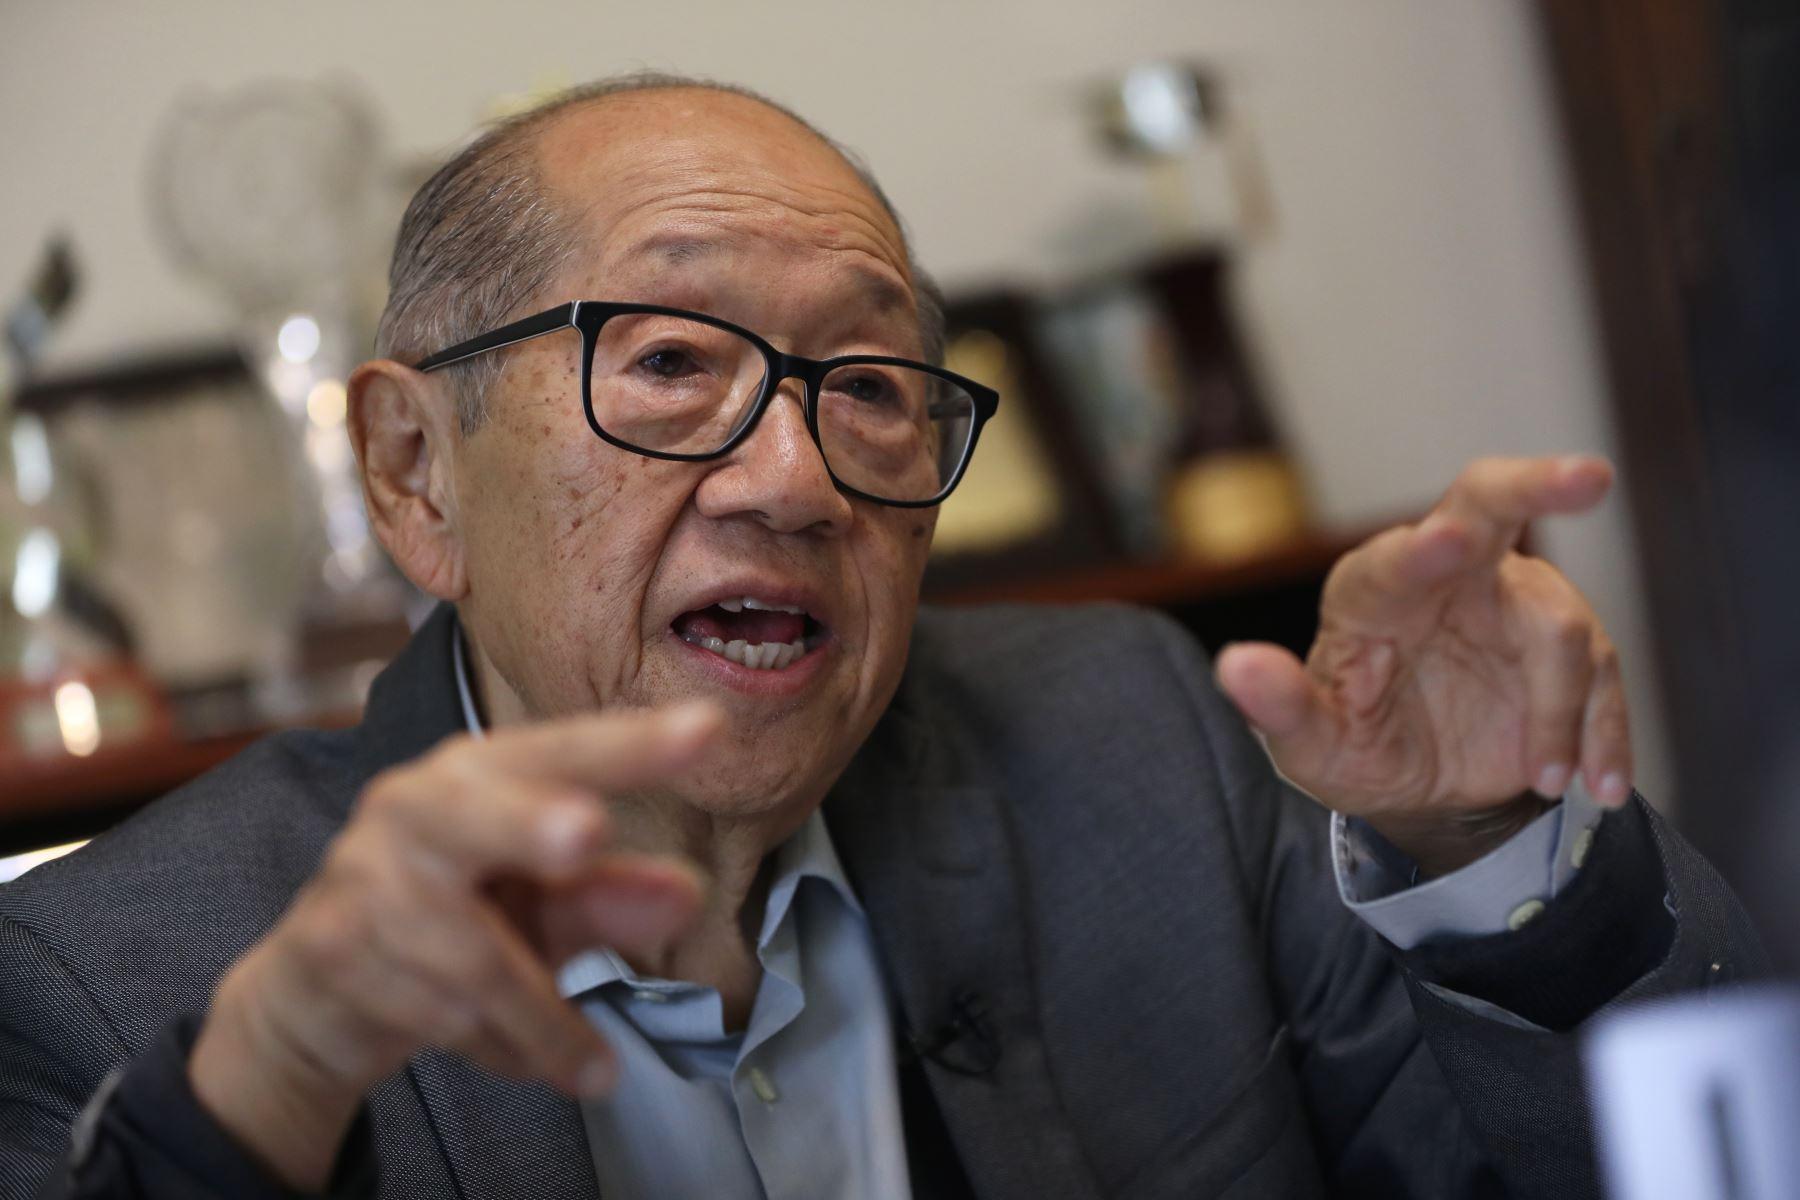 Martín Vizcarra lamenta muerte del reconocido sismólogo — Julio Kuroiwa